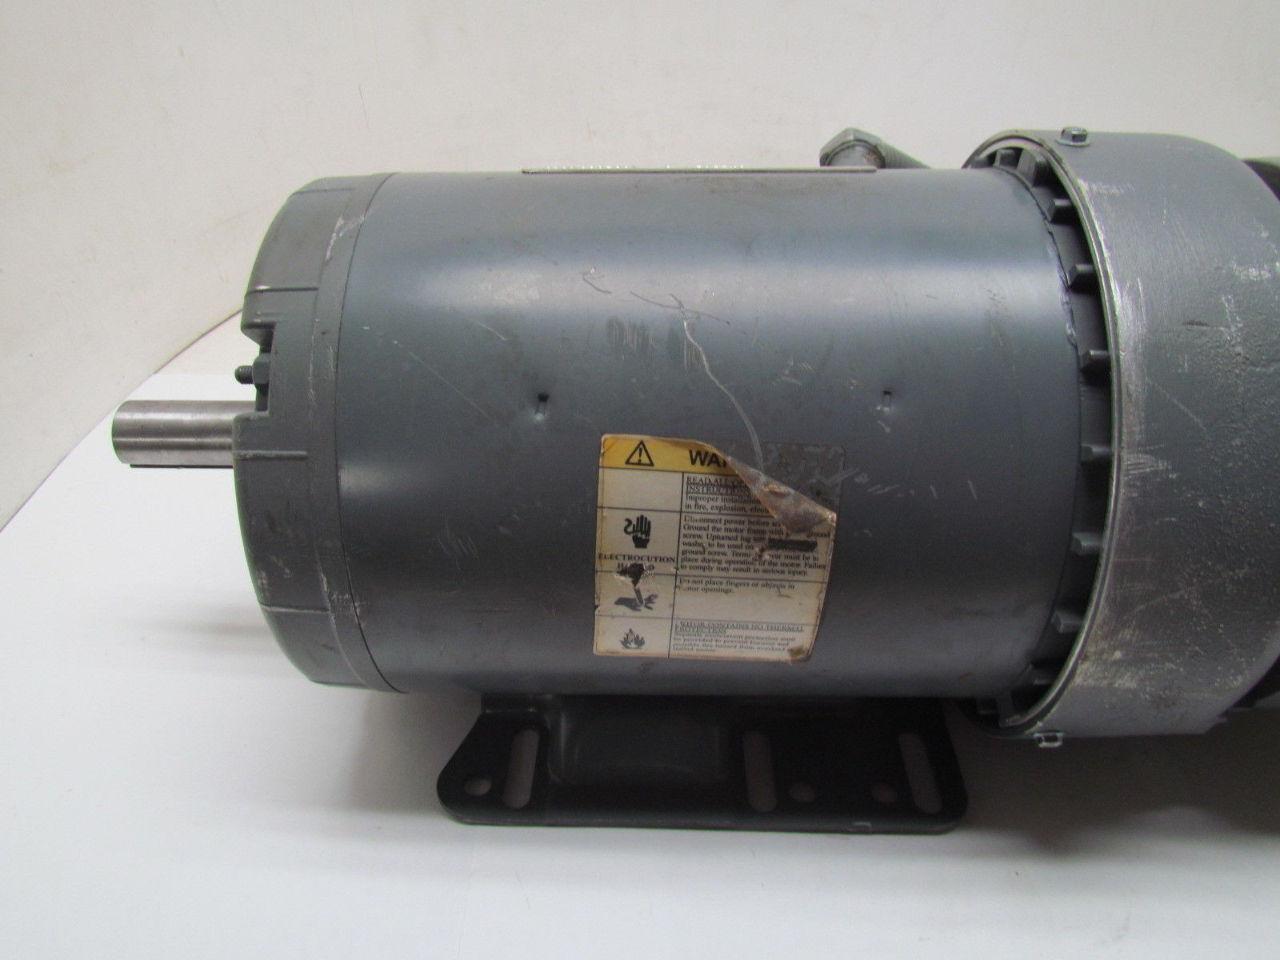 Dayton 3n550b 1 1 2hp 1740rpm 208 230 460v 3ph Tefc Motor